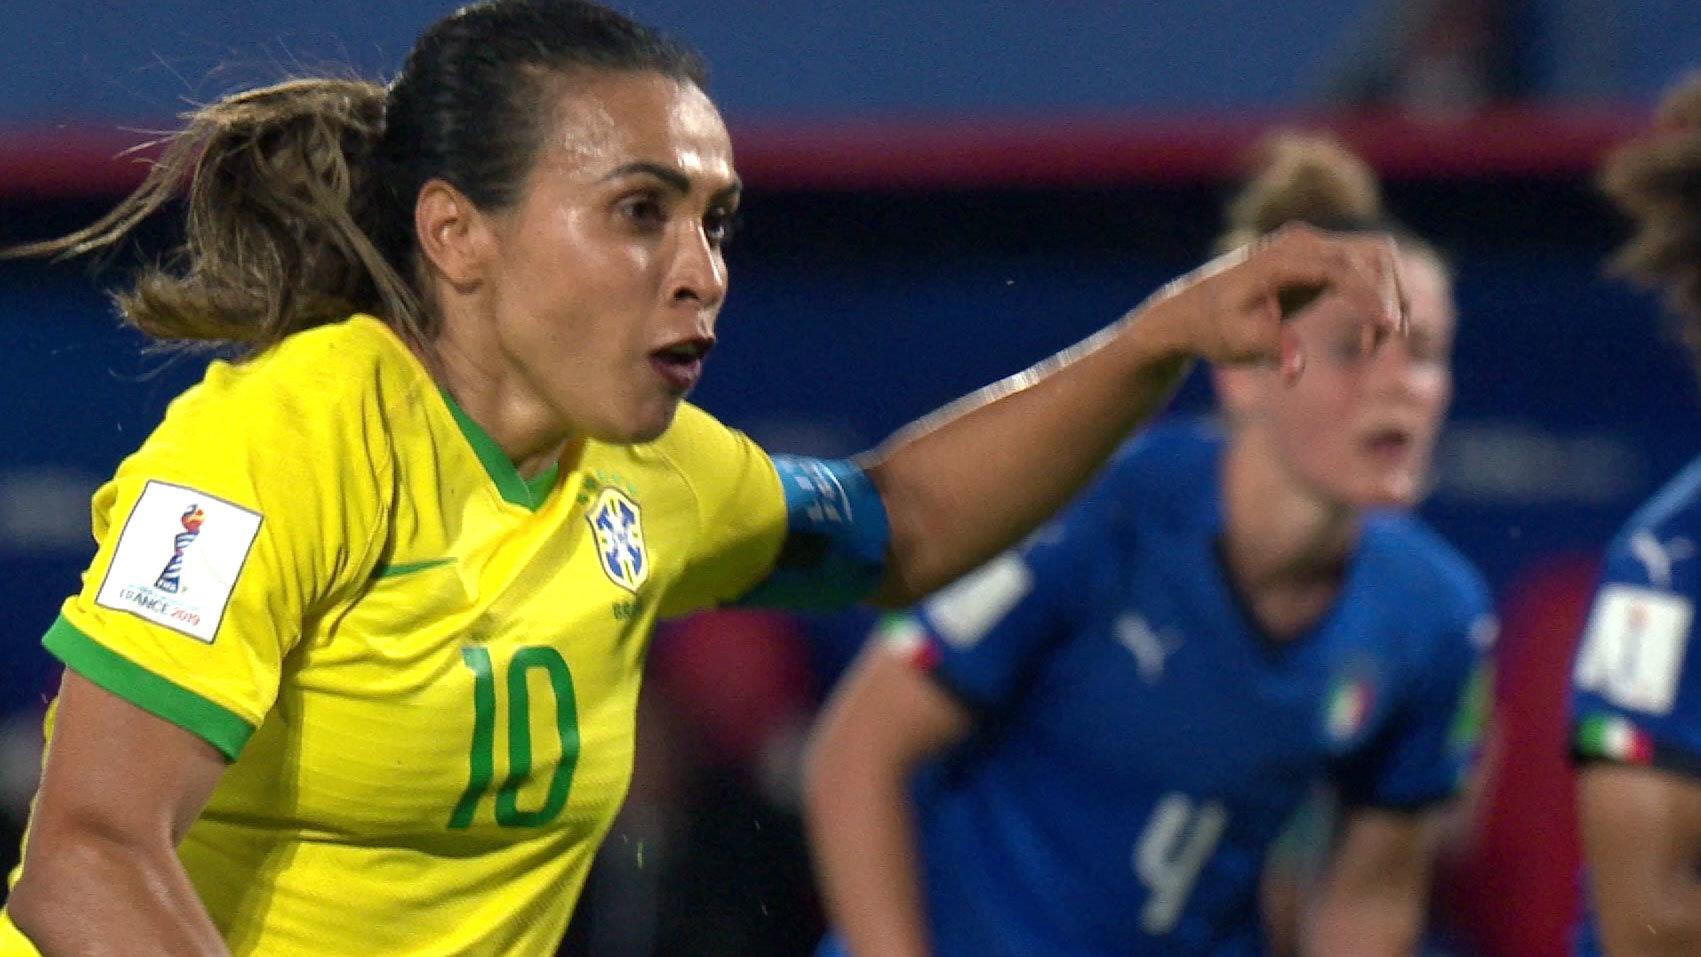 ブラジルFWマルタ、女子W杯通算17ゴール目。C組は1位イタリア、3位ブラジルがGL突破【FIFA 女子ワールドカップ - グループC第3節 ハイライト動画】